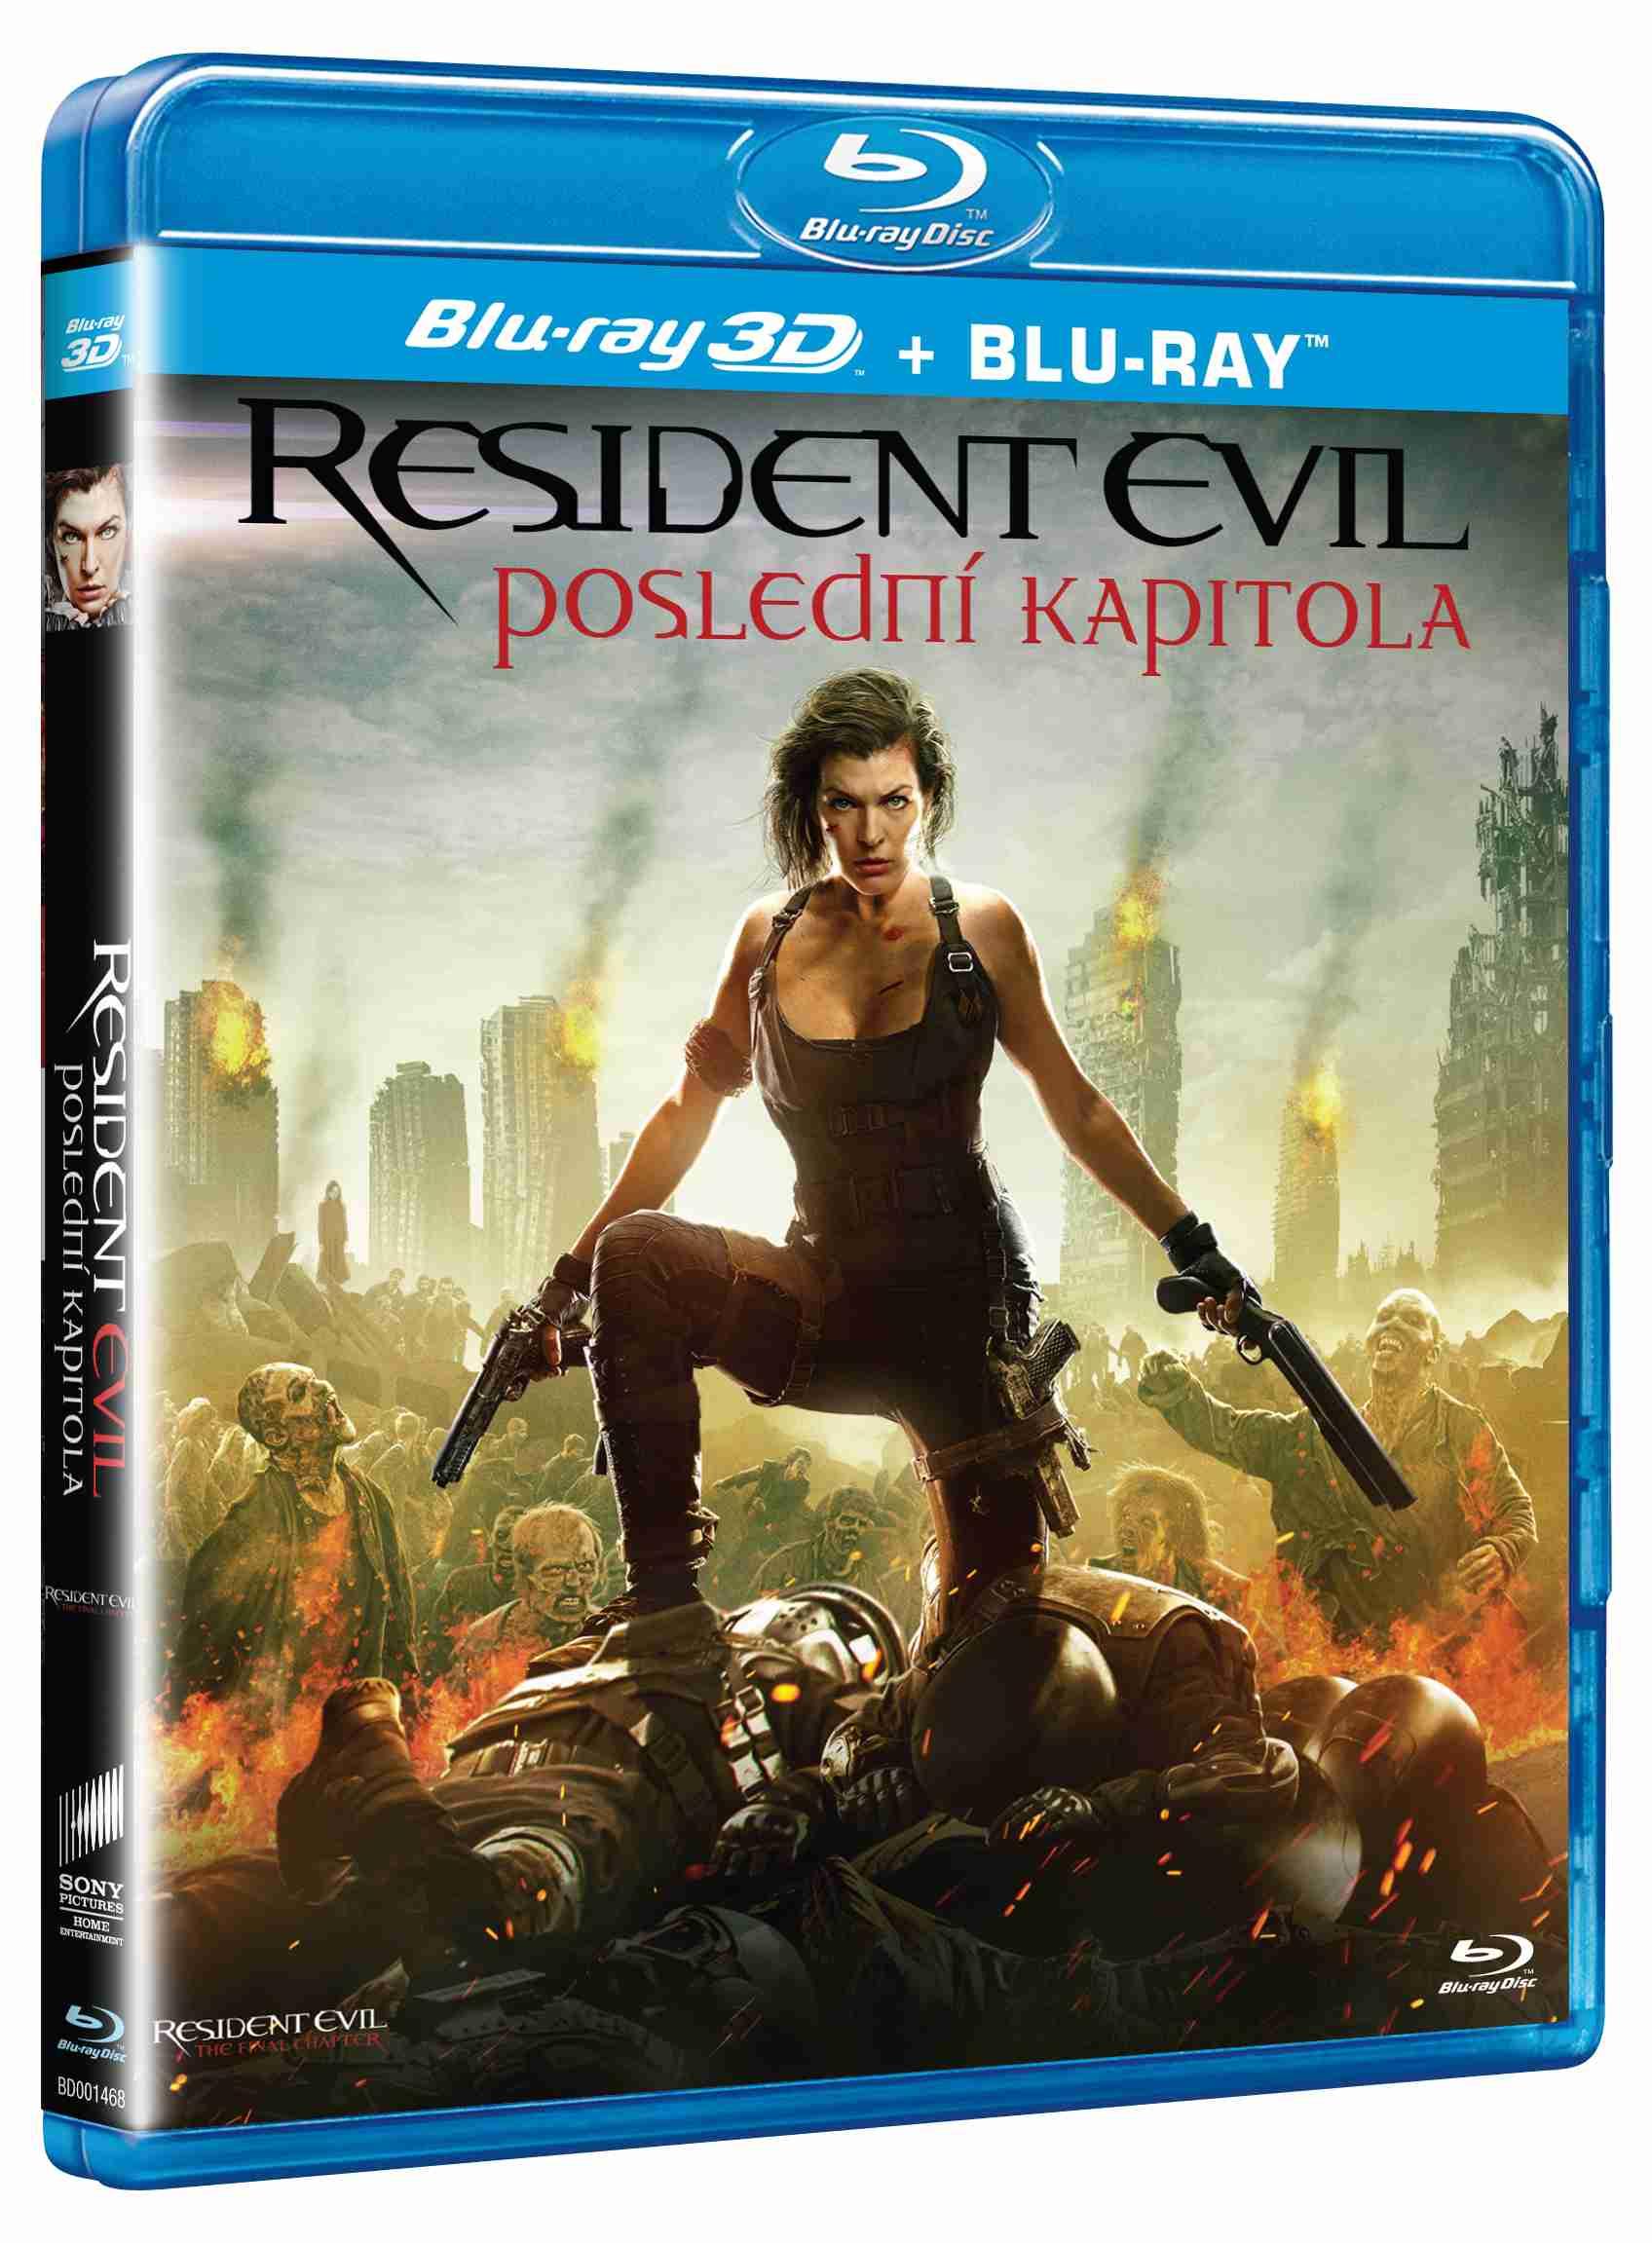 RESIDENT EVIL: POSLEDNÍ KAPITOLA - Blu-ray 3D + 2D (2 BD)